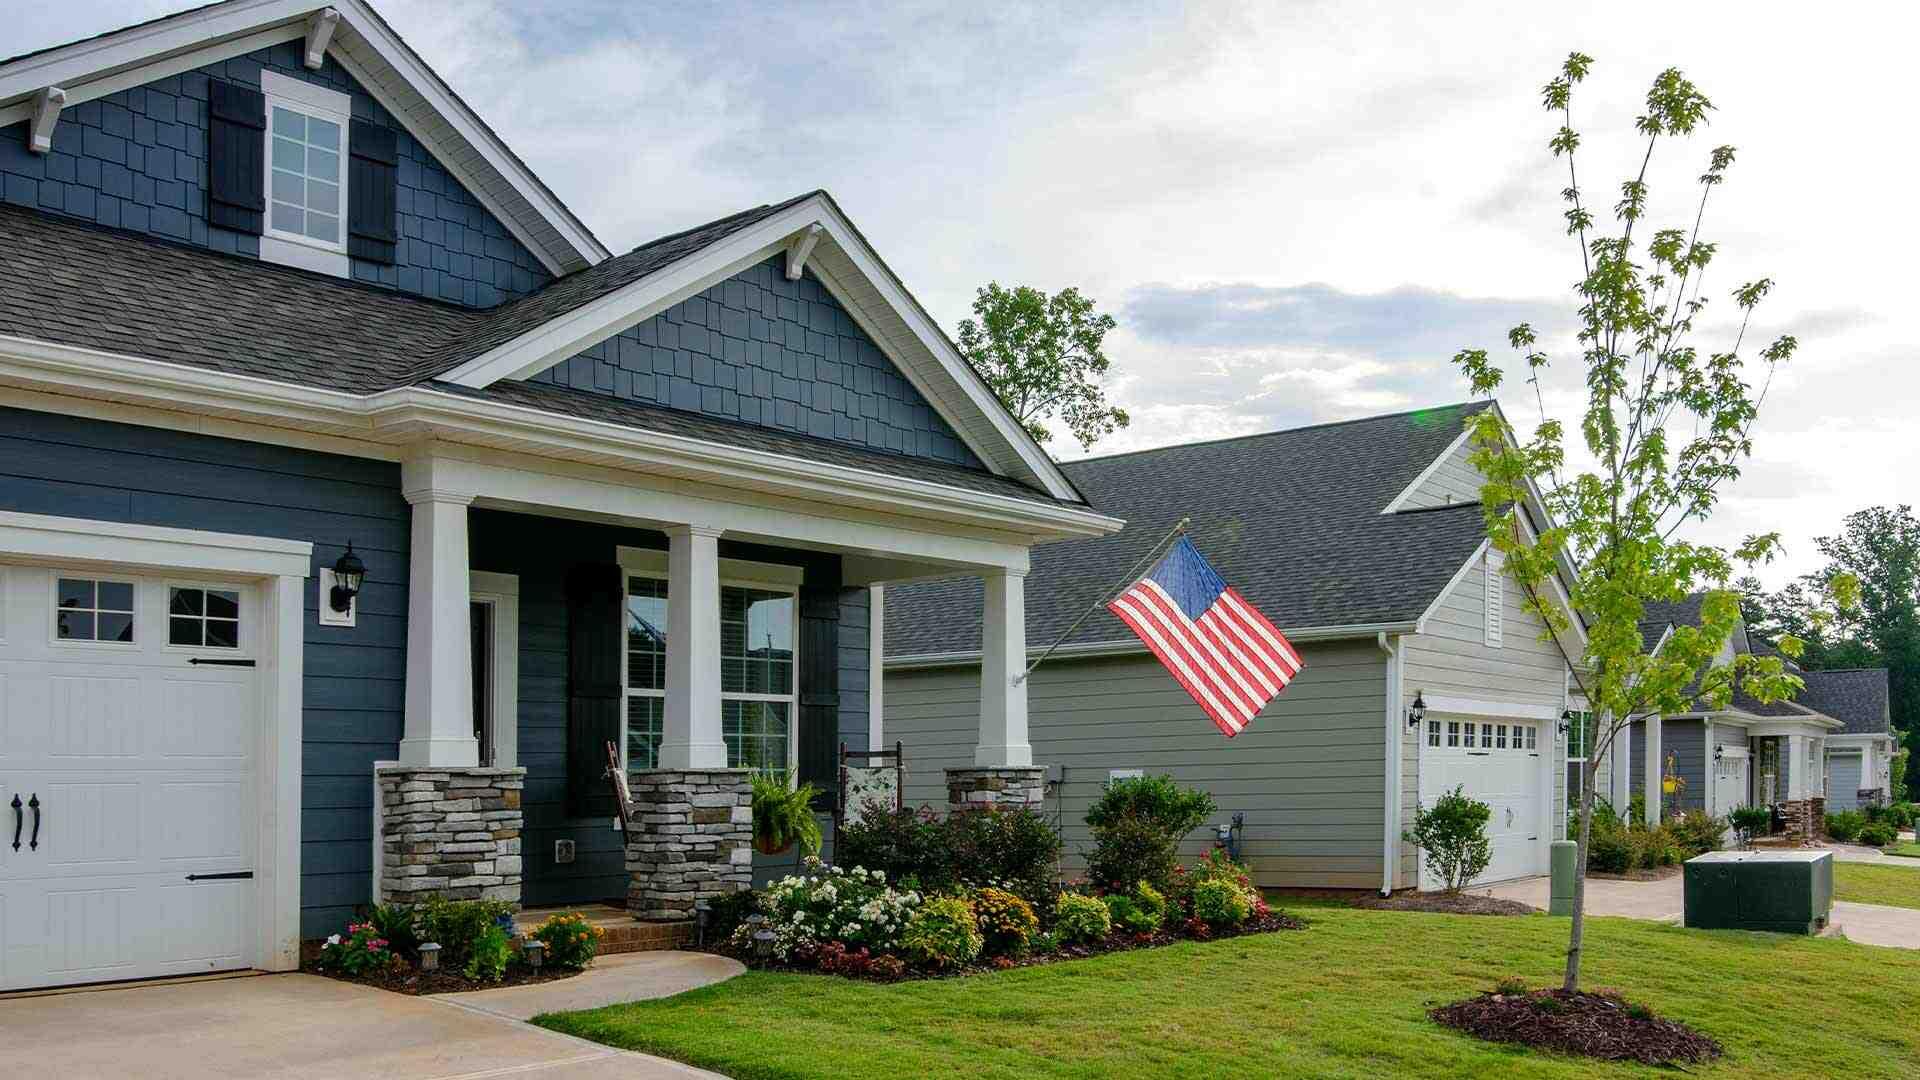 Comment savoir si un prêt immobilier sera accepté ?